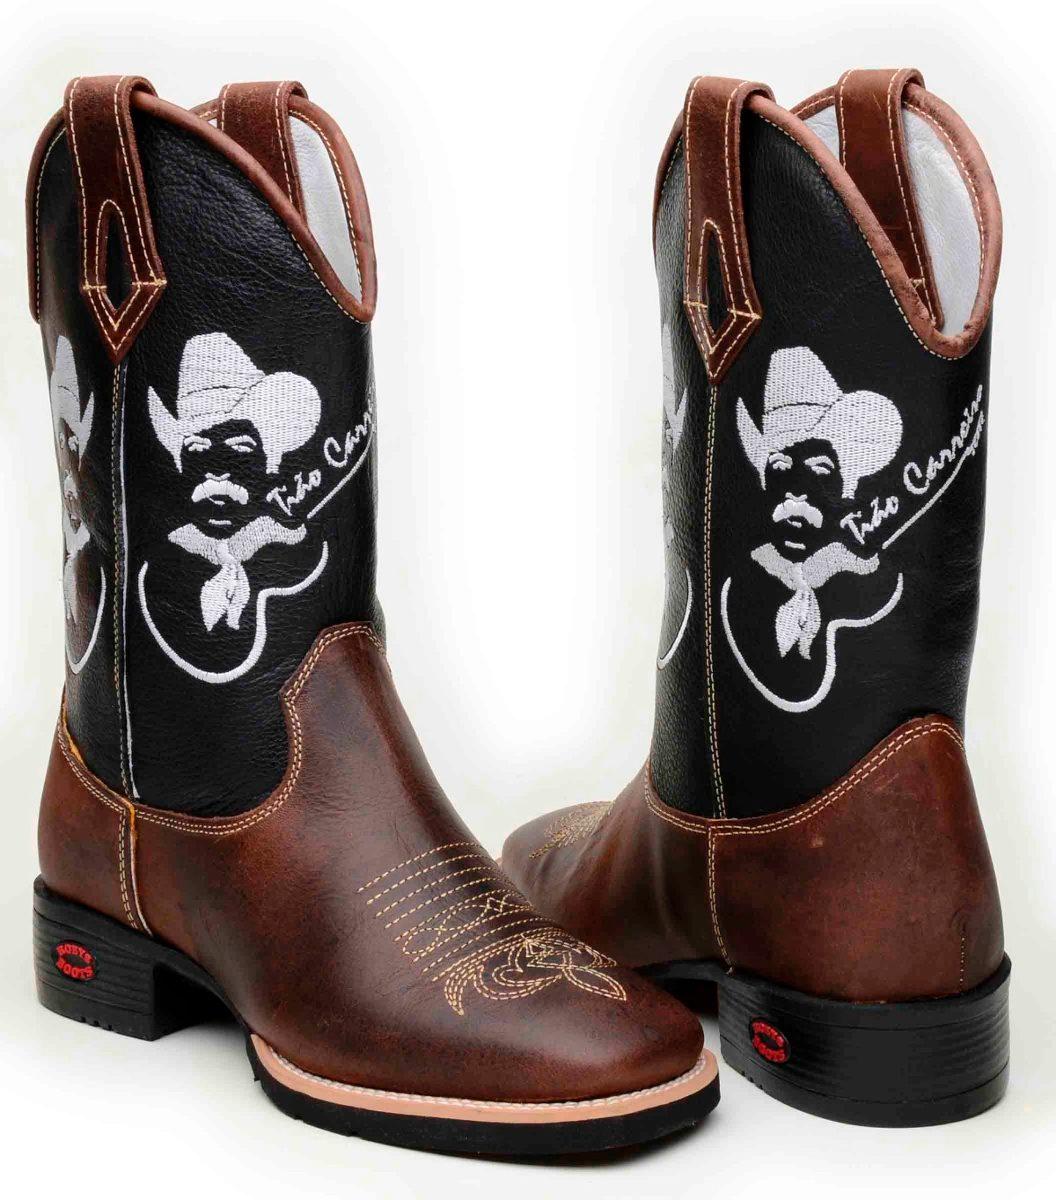 bota country texana masculina bico quadrado tião carreiro. Carregando zoom. 6dfdd5e44df